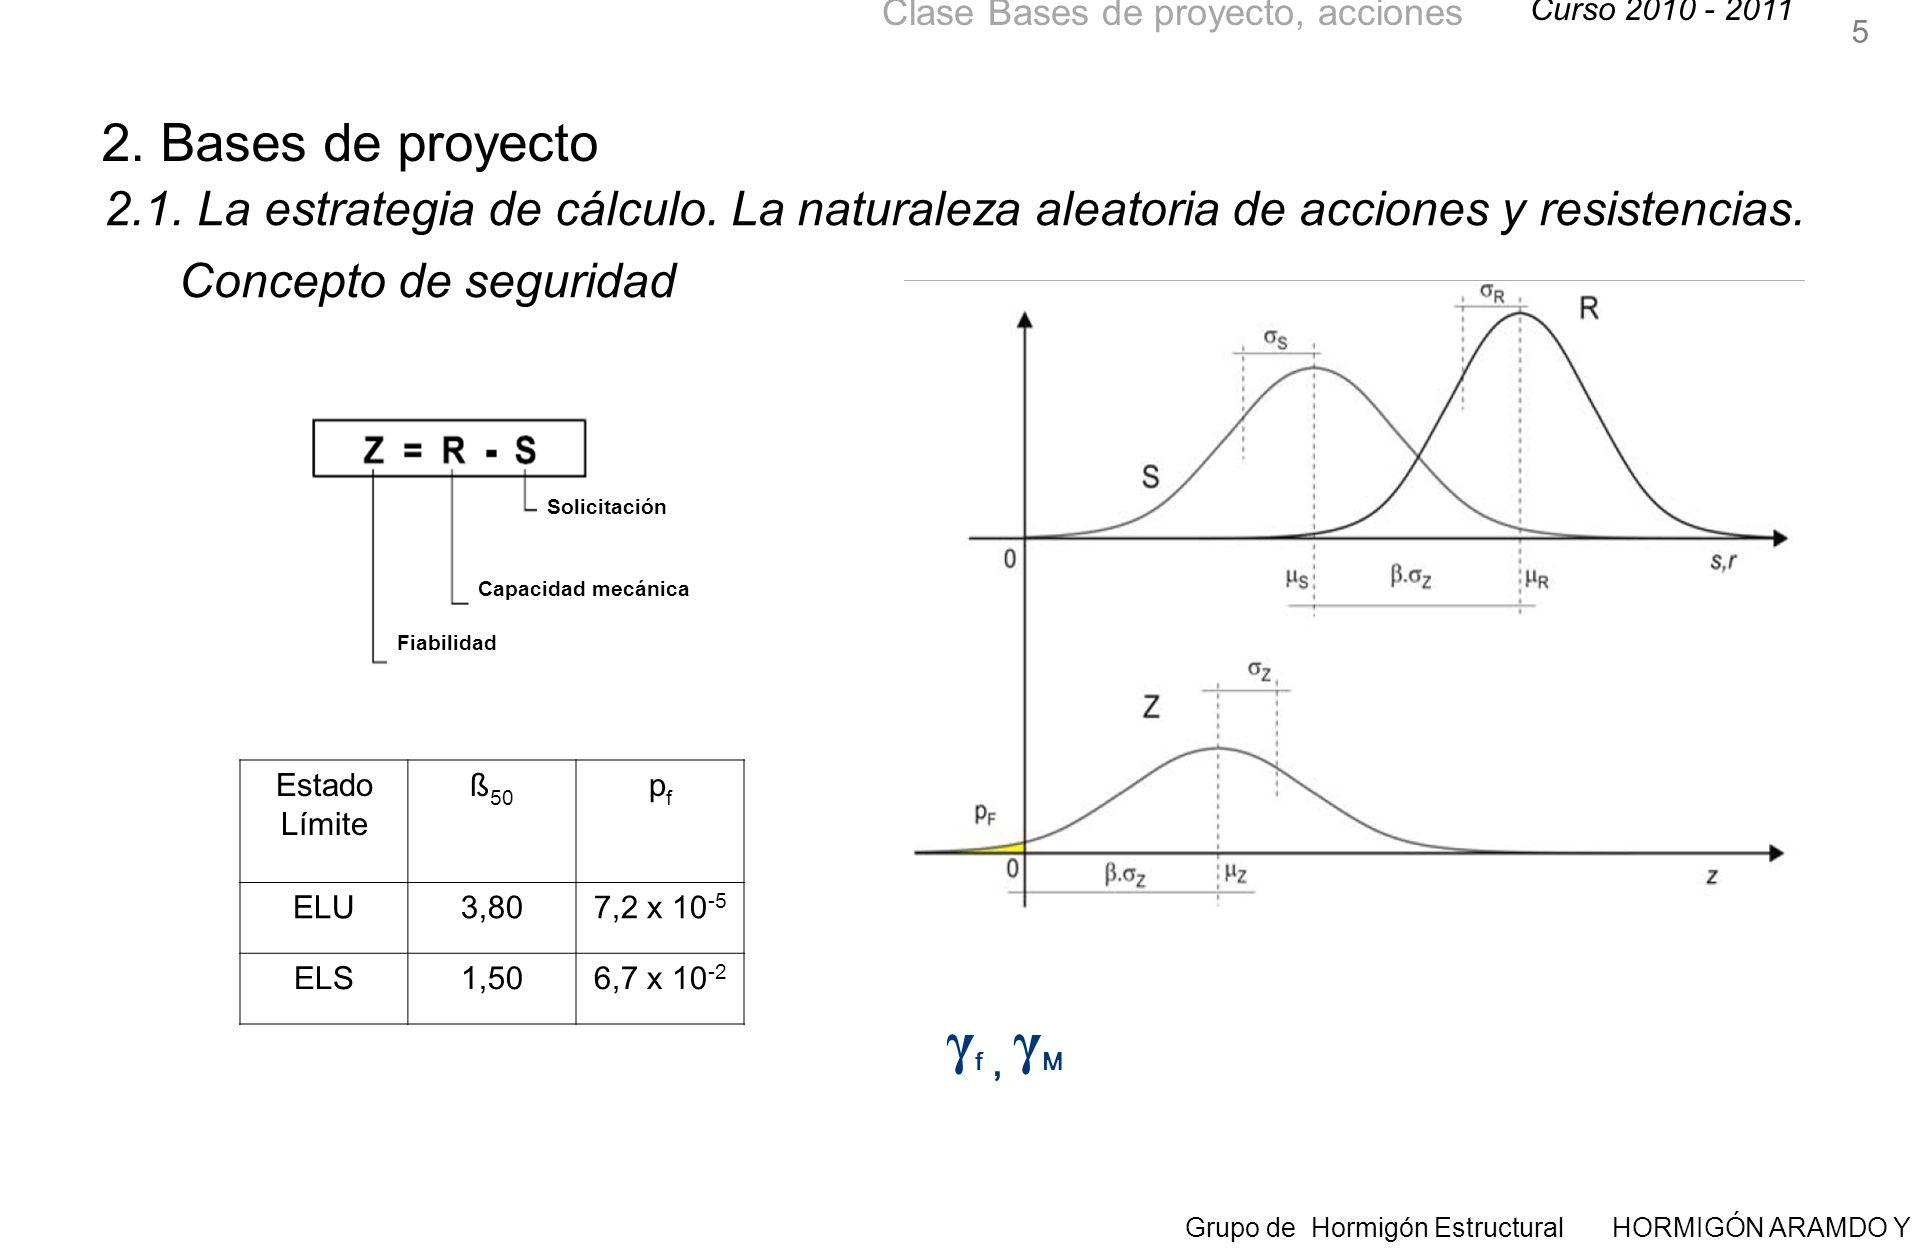 5 2. Bases de proyecto. 2.1. La estrategia de cálculo. La naturaleza aleatoria de acciones y resistencias. Concepto de seguridad.